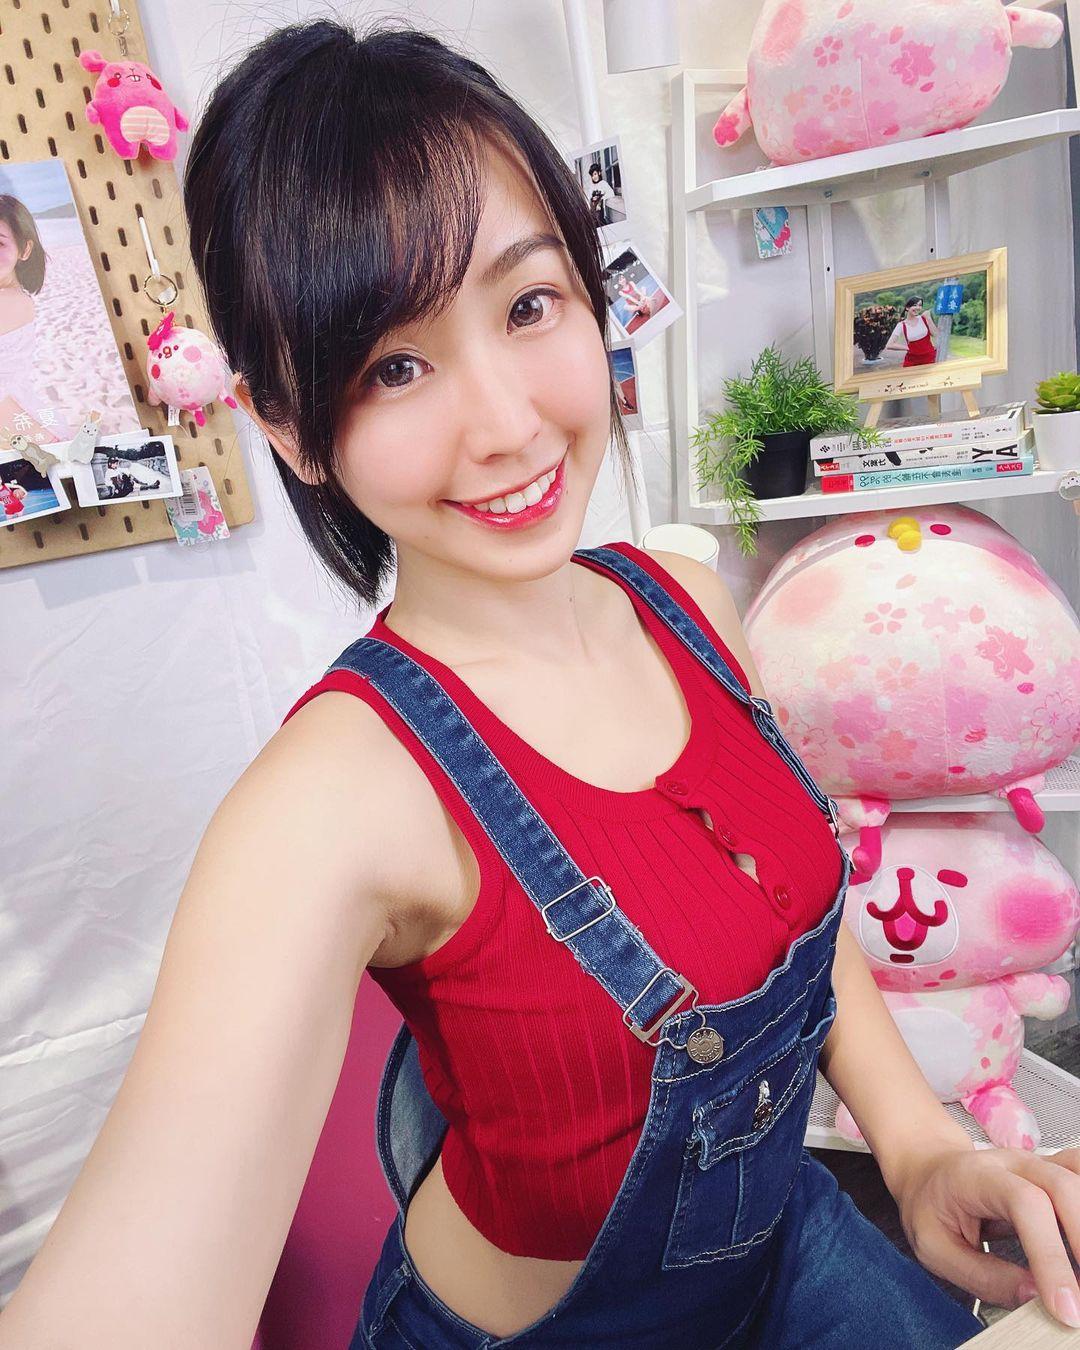 時裝模特希希 超卡哇伊妹子cosplay超胸魯夫 - 美女圖 -